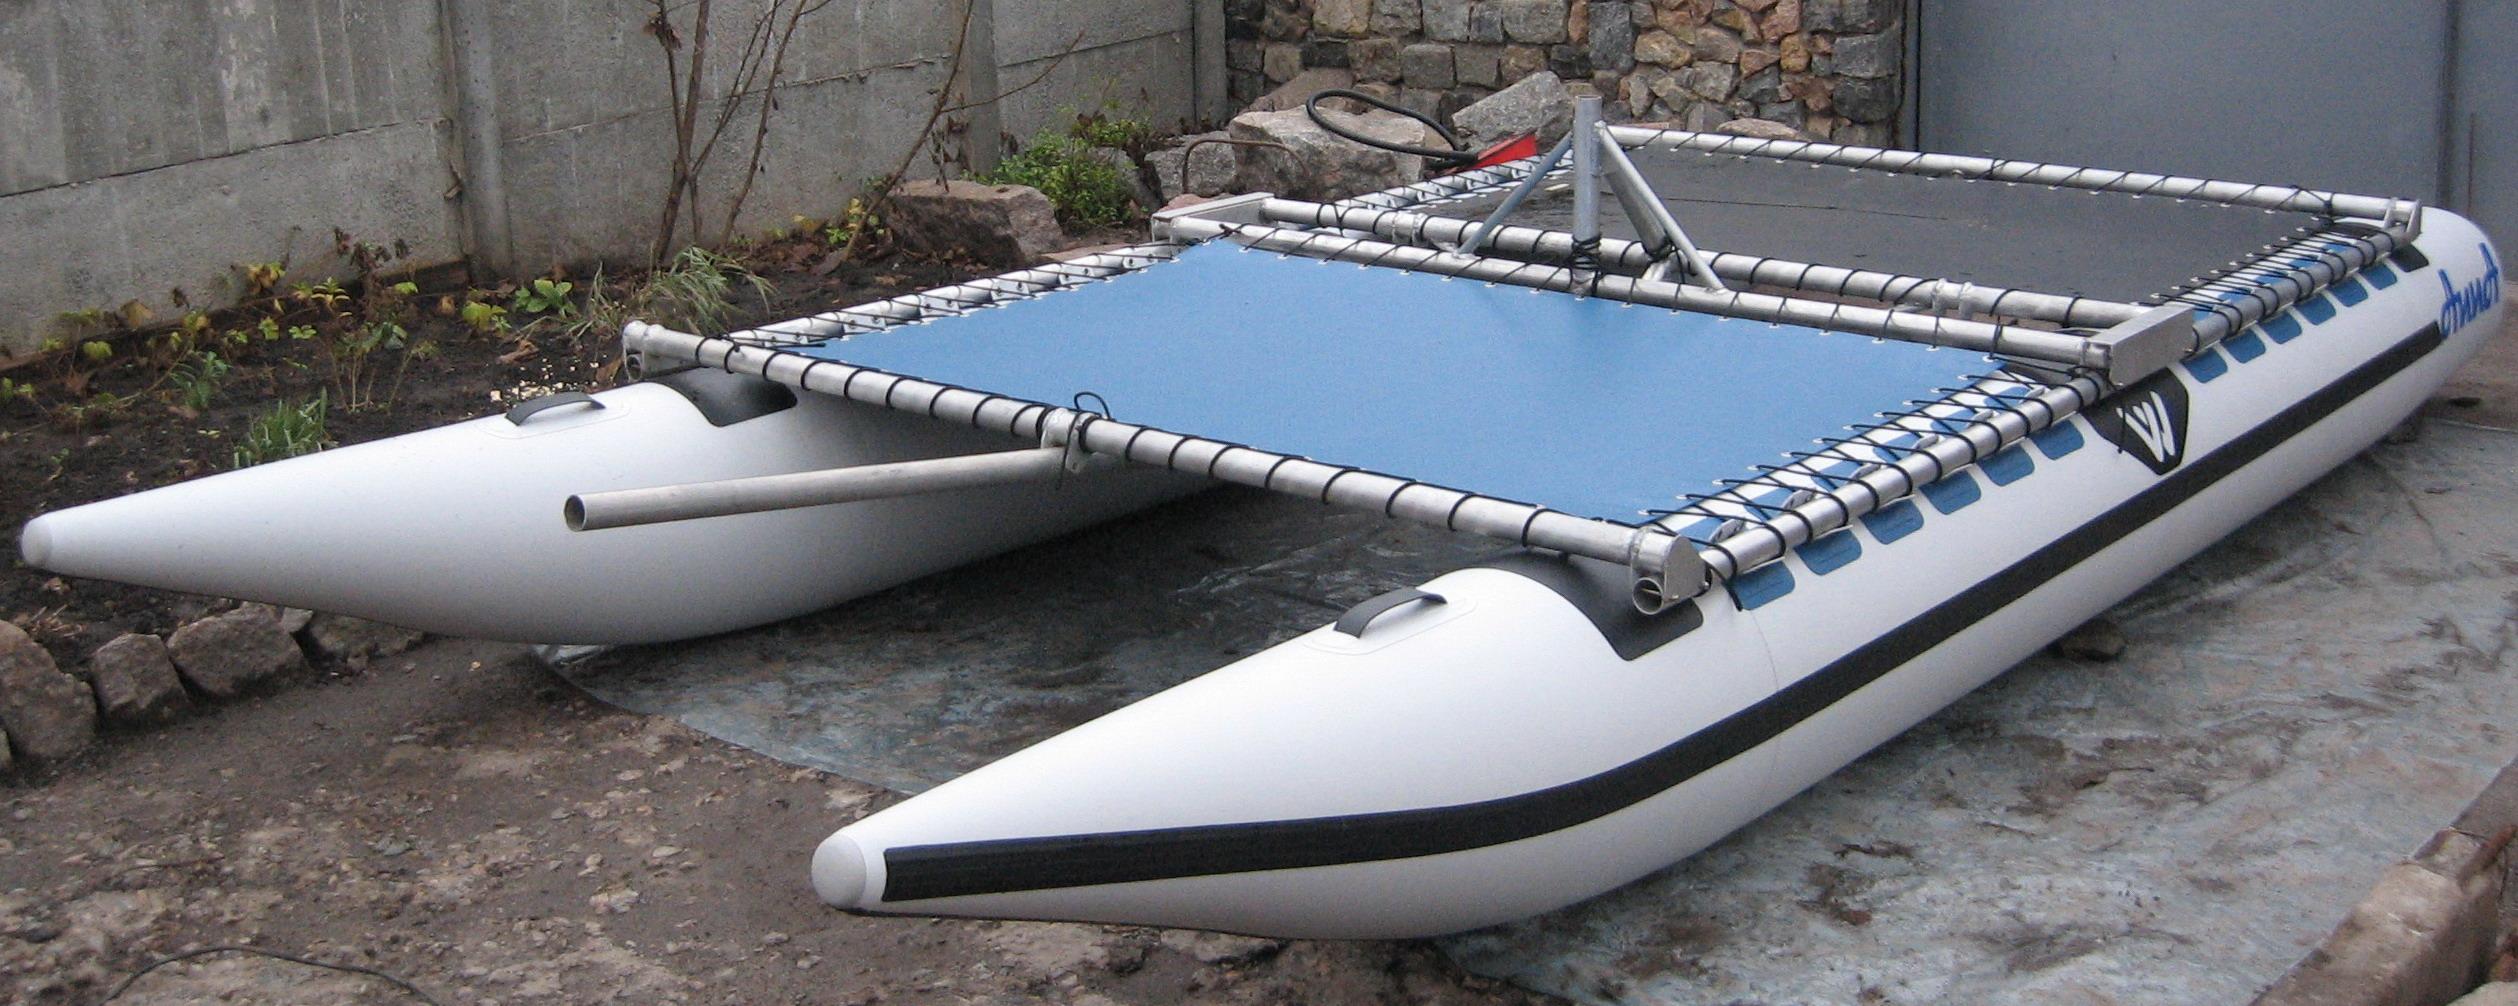 надувные поплавки из пвх для катамарана